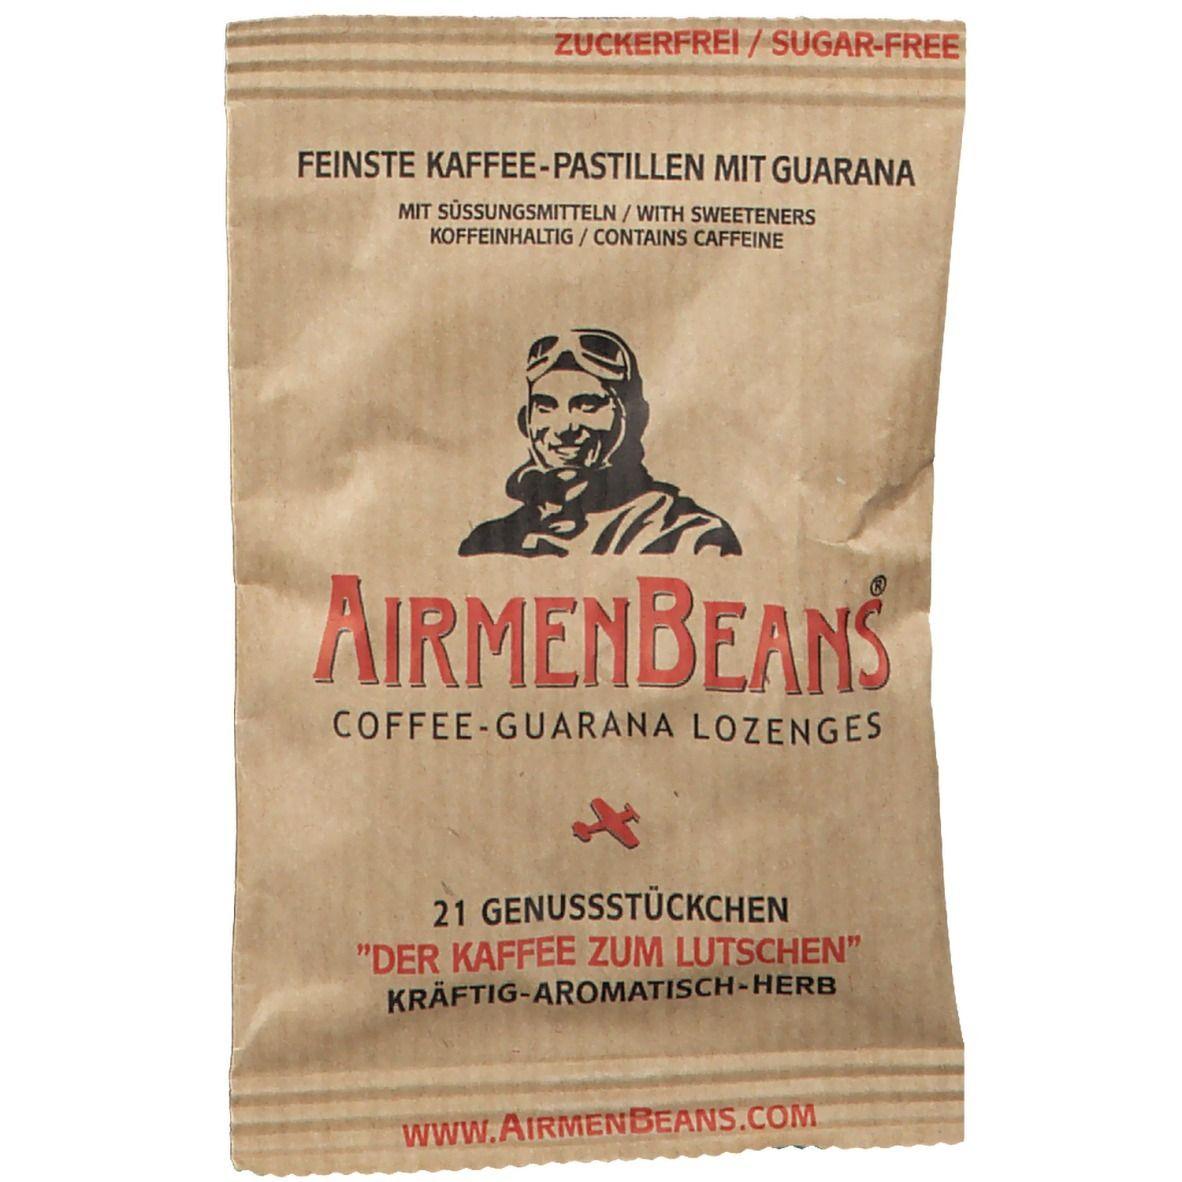 Image of Airmenbeans Kaffee-Guarana Pastillen